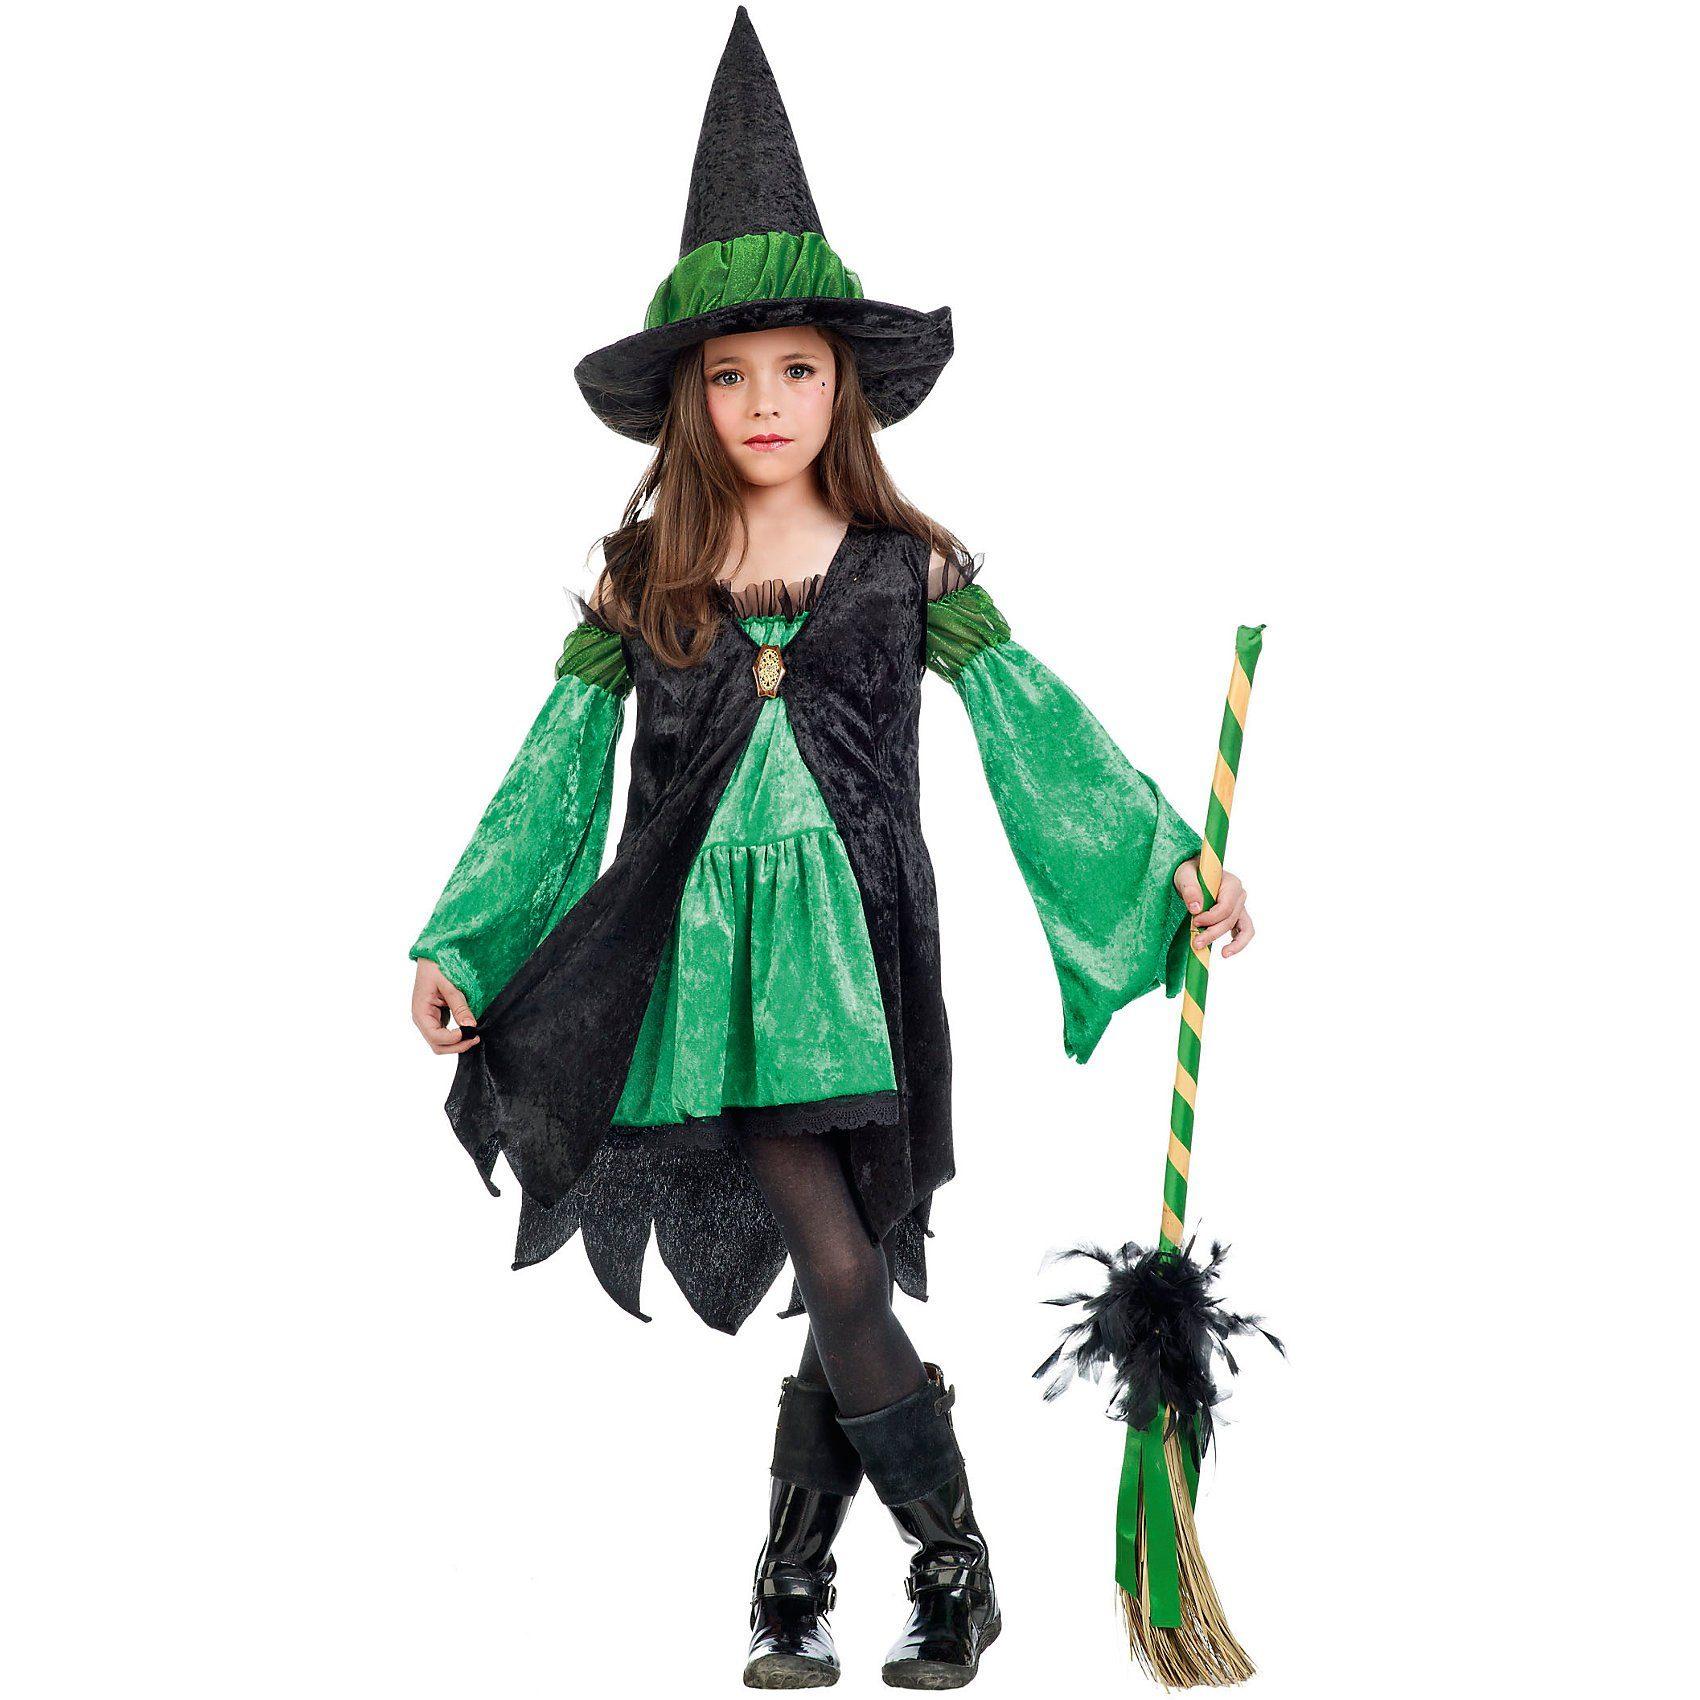 Unisex Limit Kostüm Hexe grün, 2-tlg.  | 08421796287765